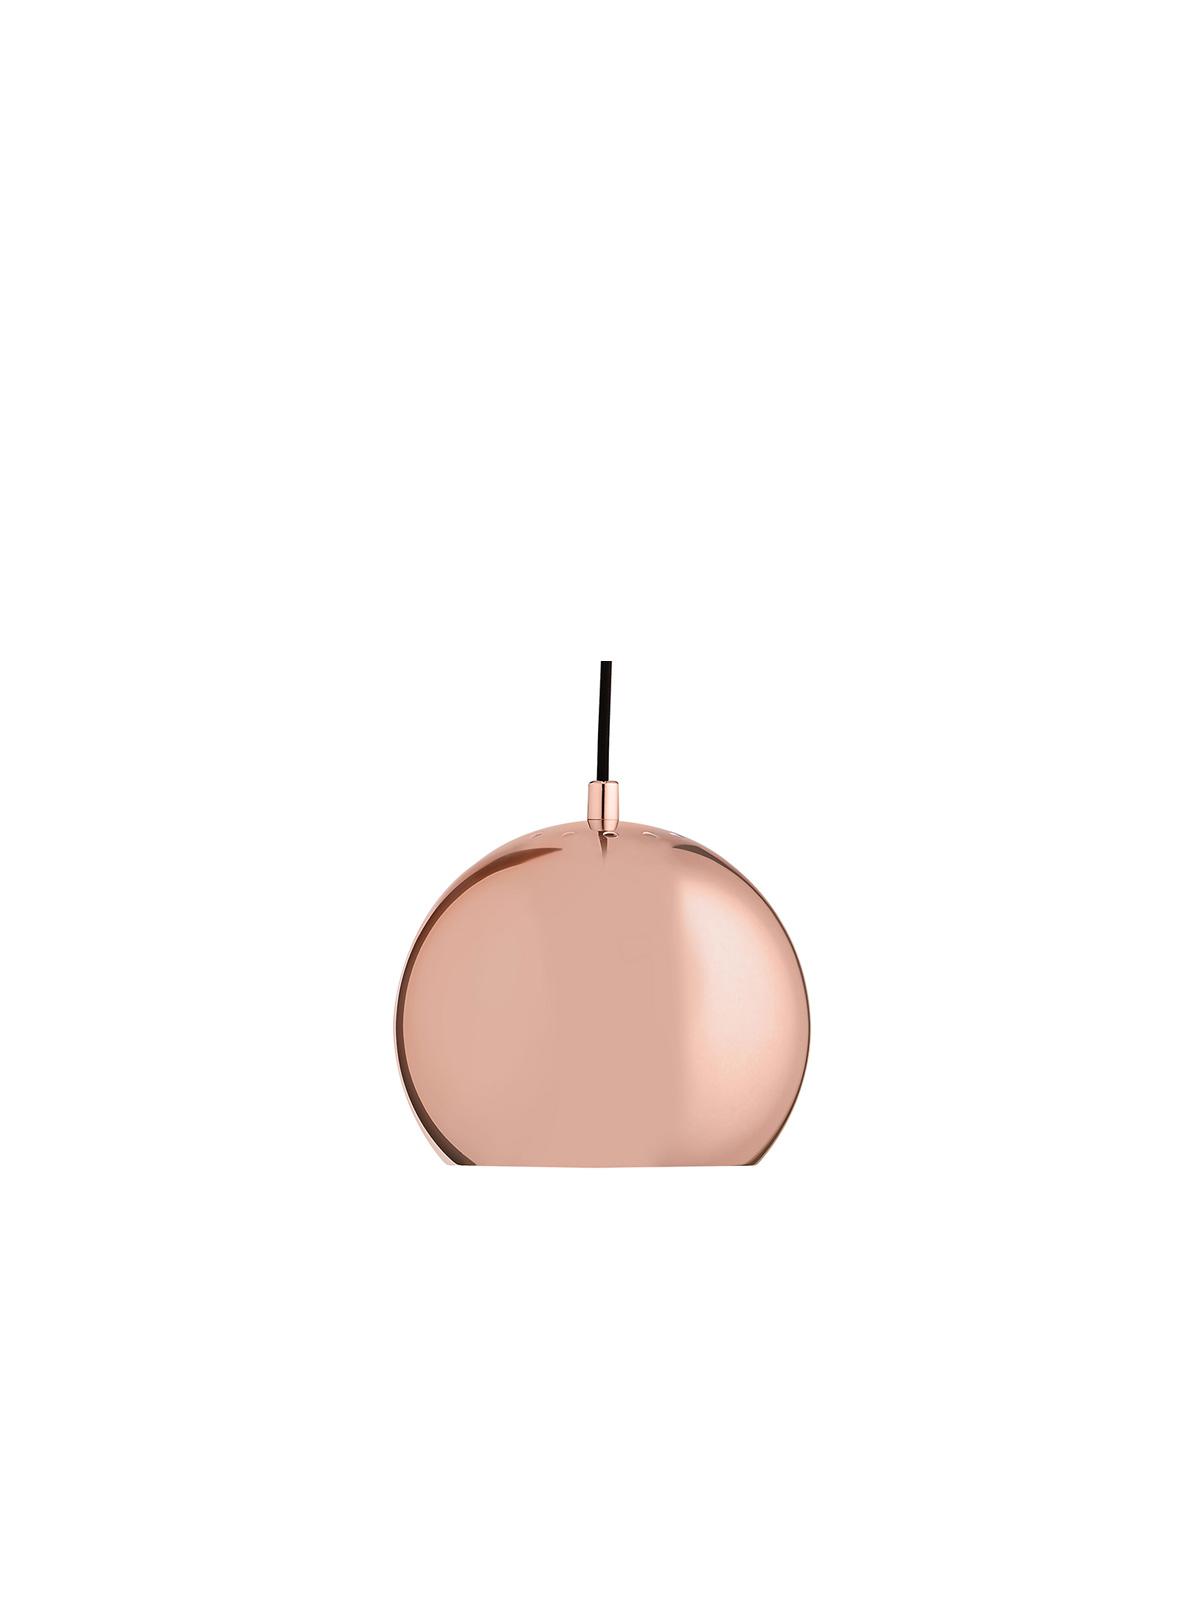 Pendelleuchte Ball Metall von Frandsen